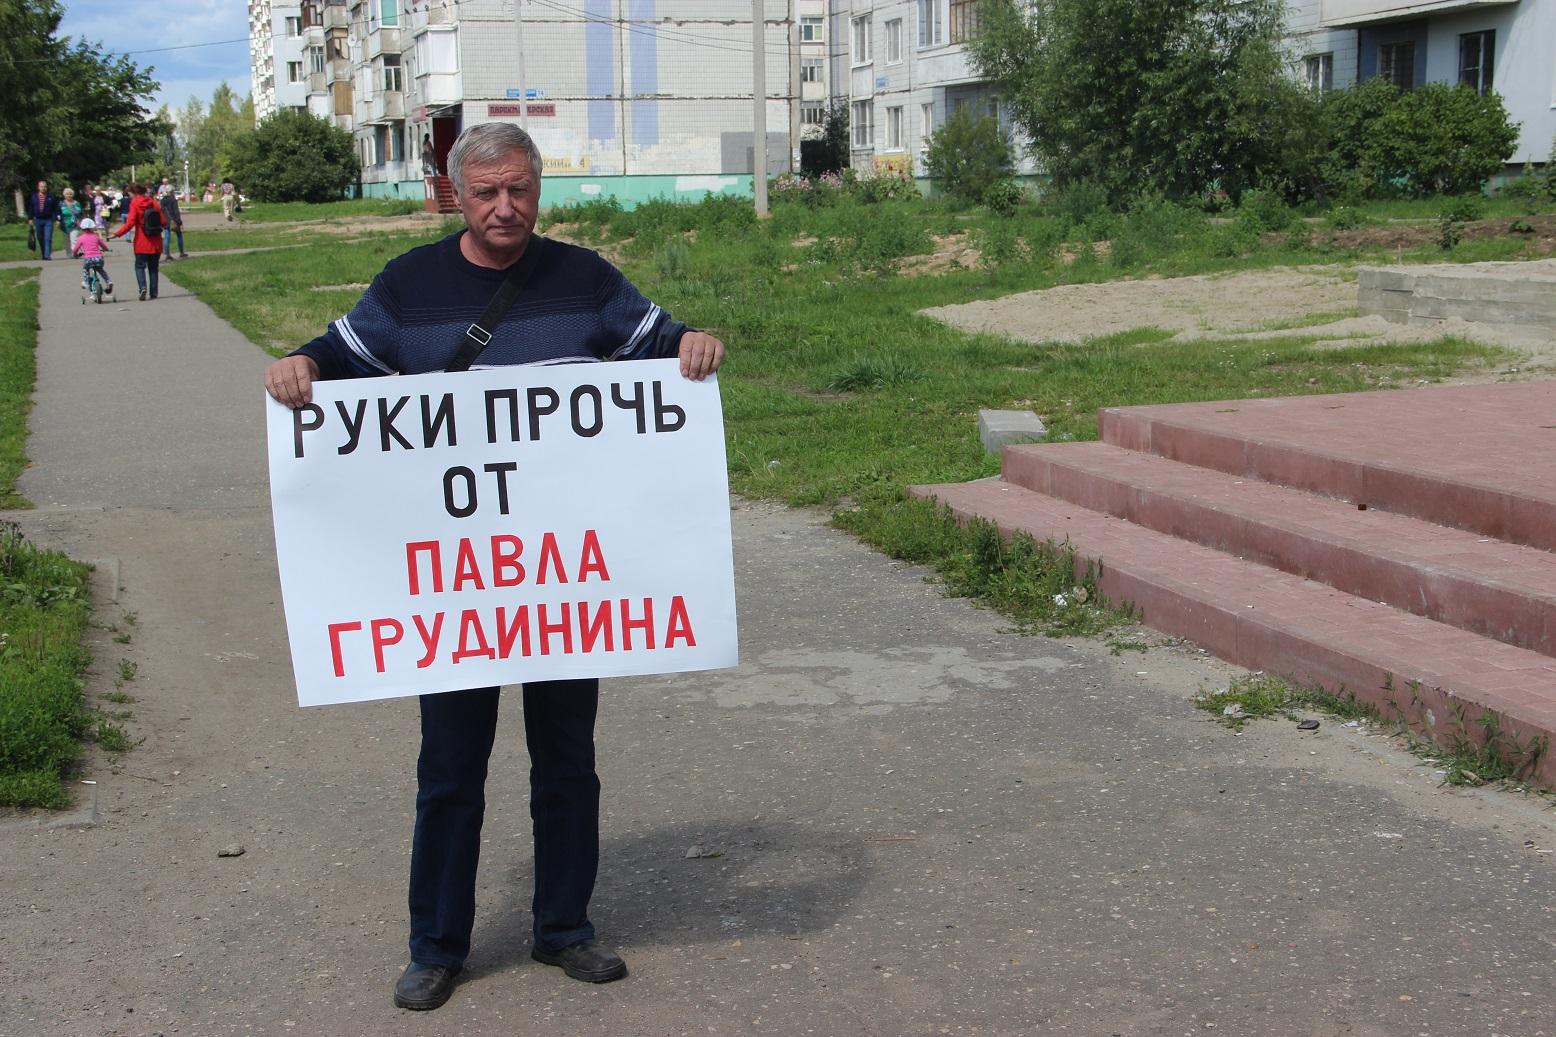 Руки прочь от Грудинина! — требуют ярославские коммунисты